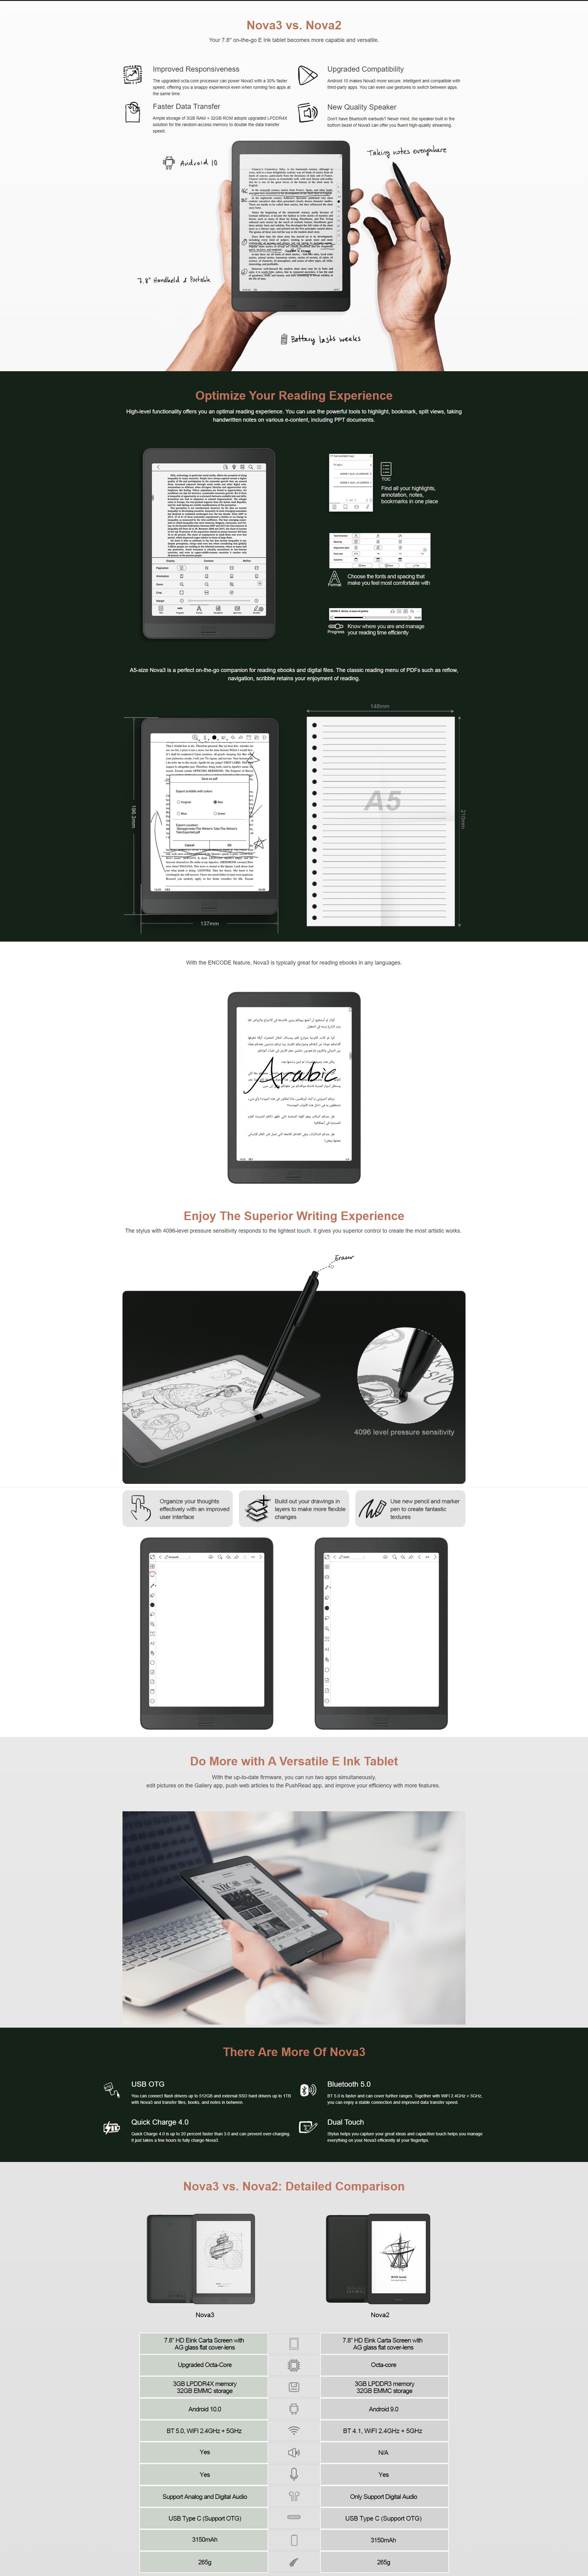 Onyx Boox Nova3 Product Page